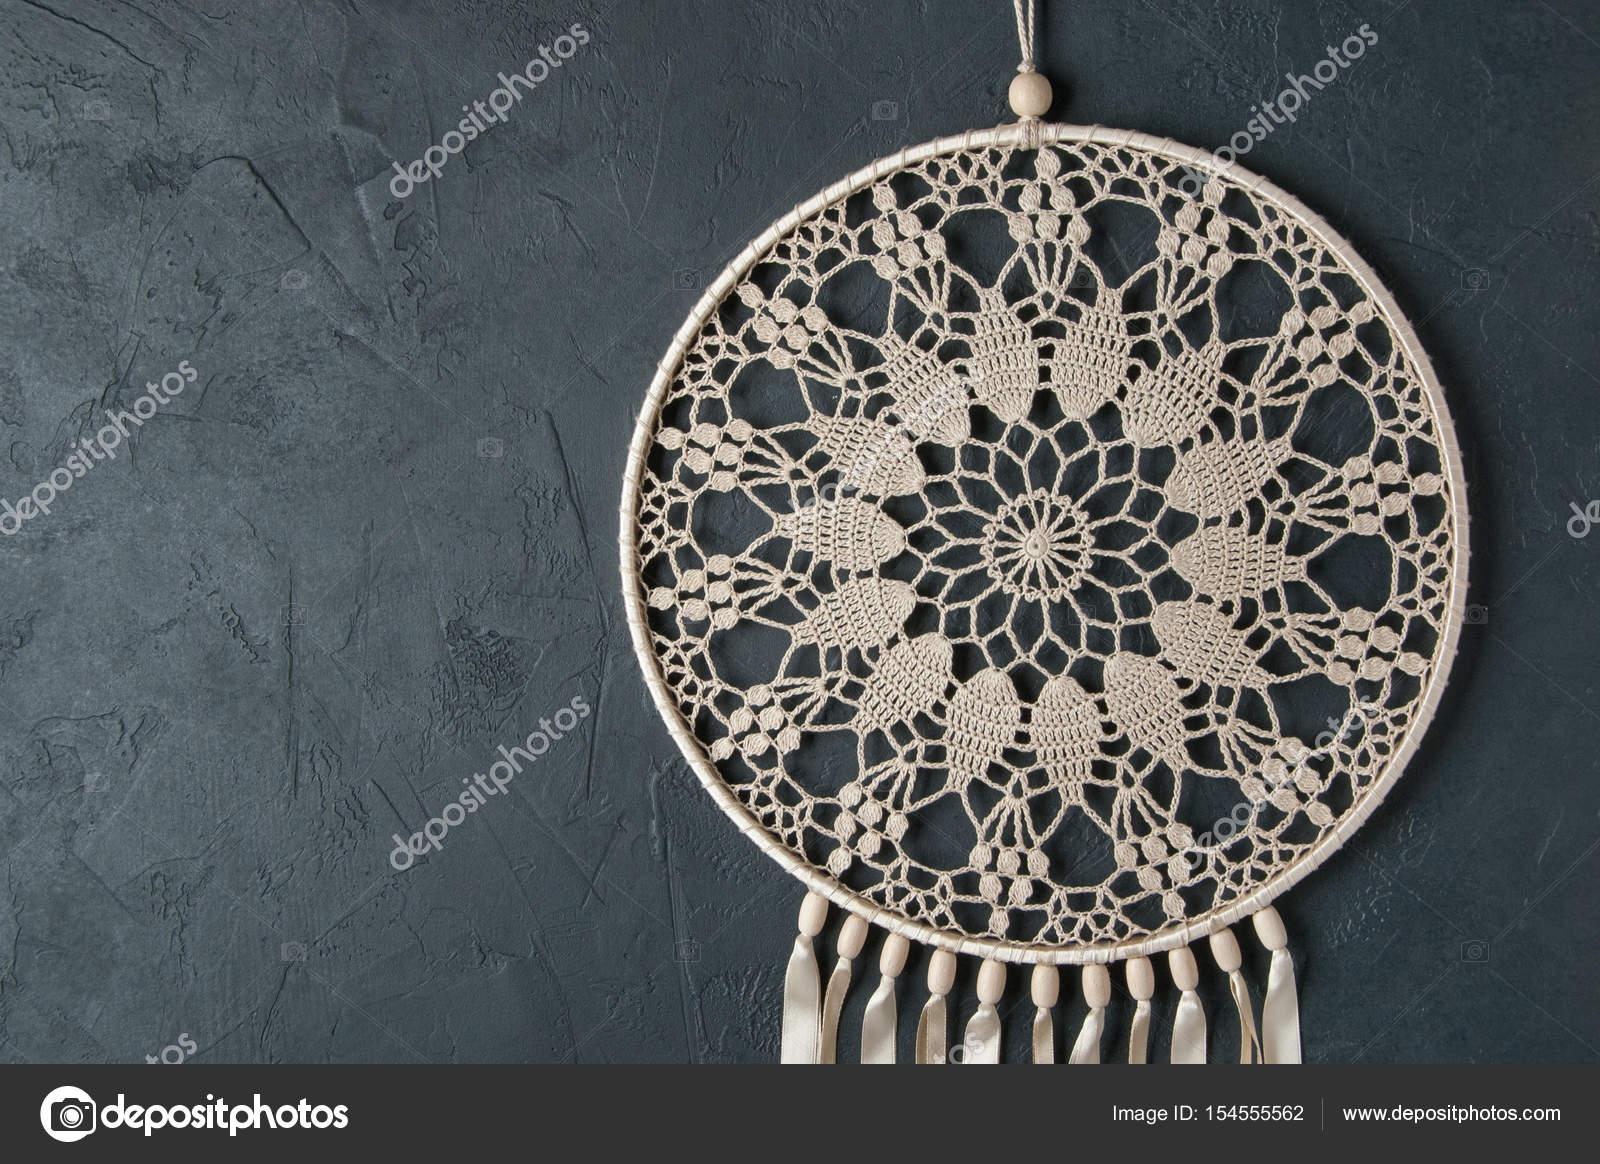 Beige häkeln Deckchen Traumfänger — Stockfoto © voisine #154555562